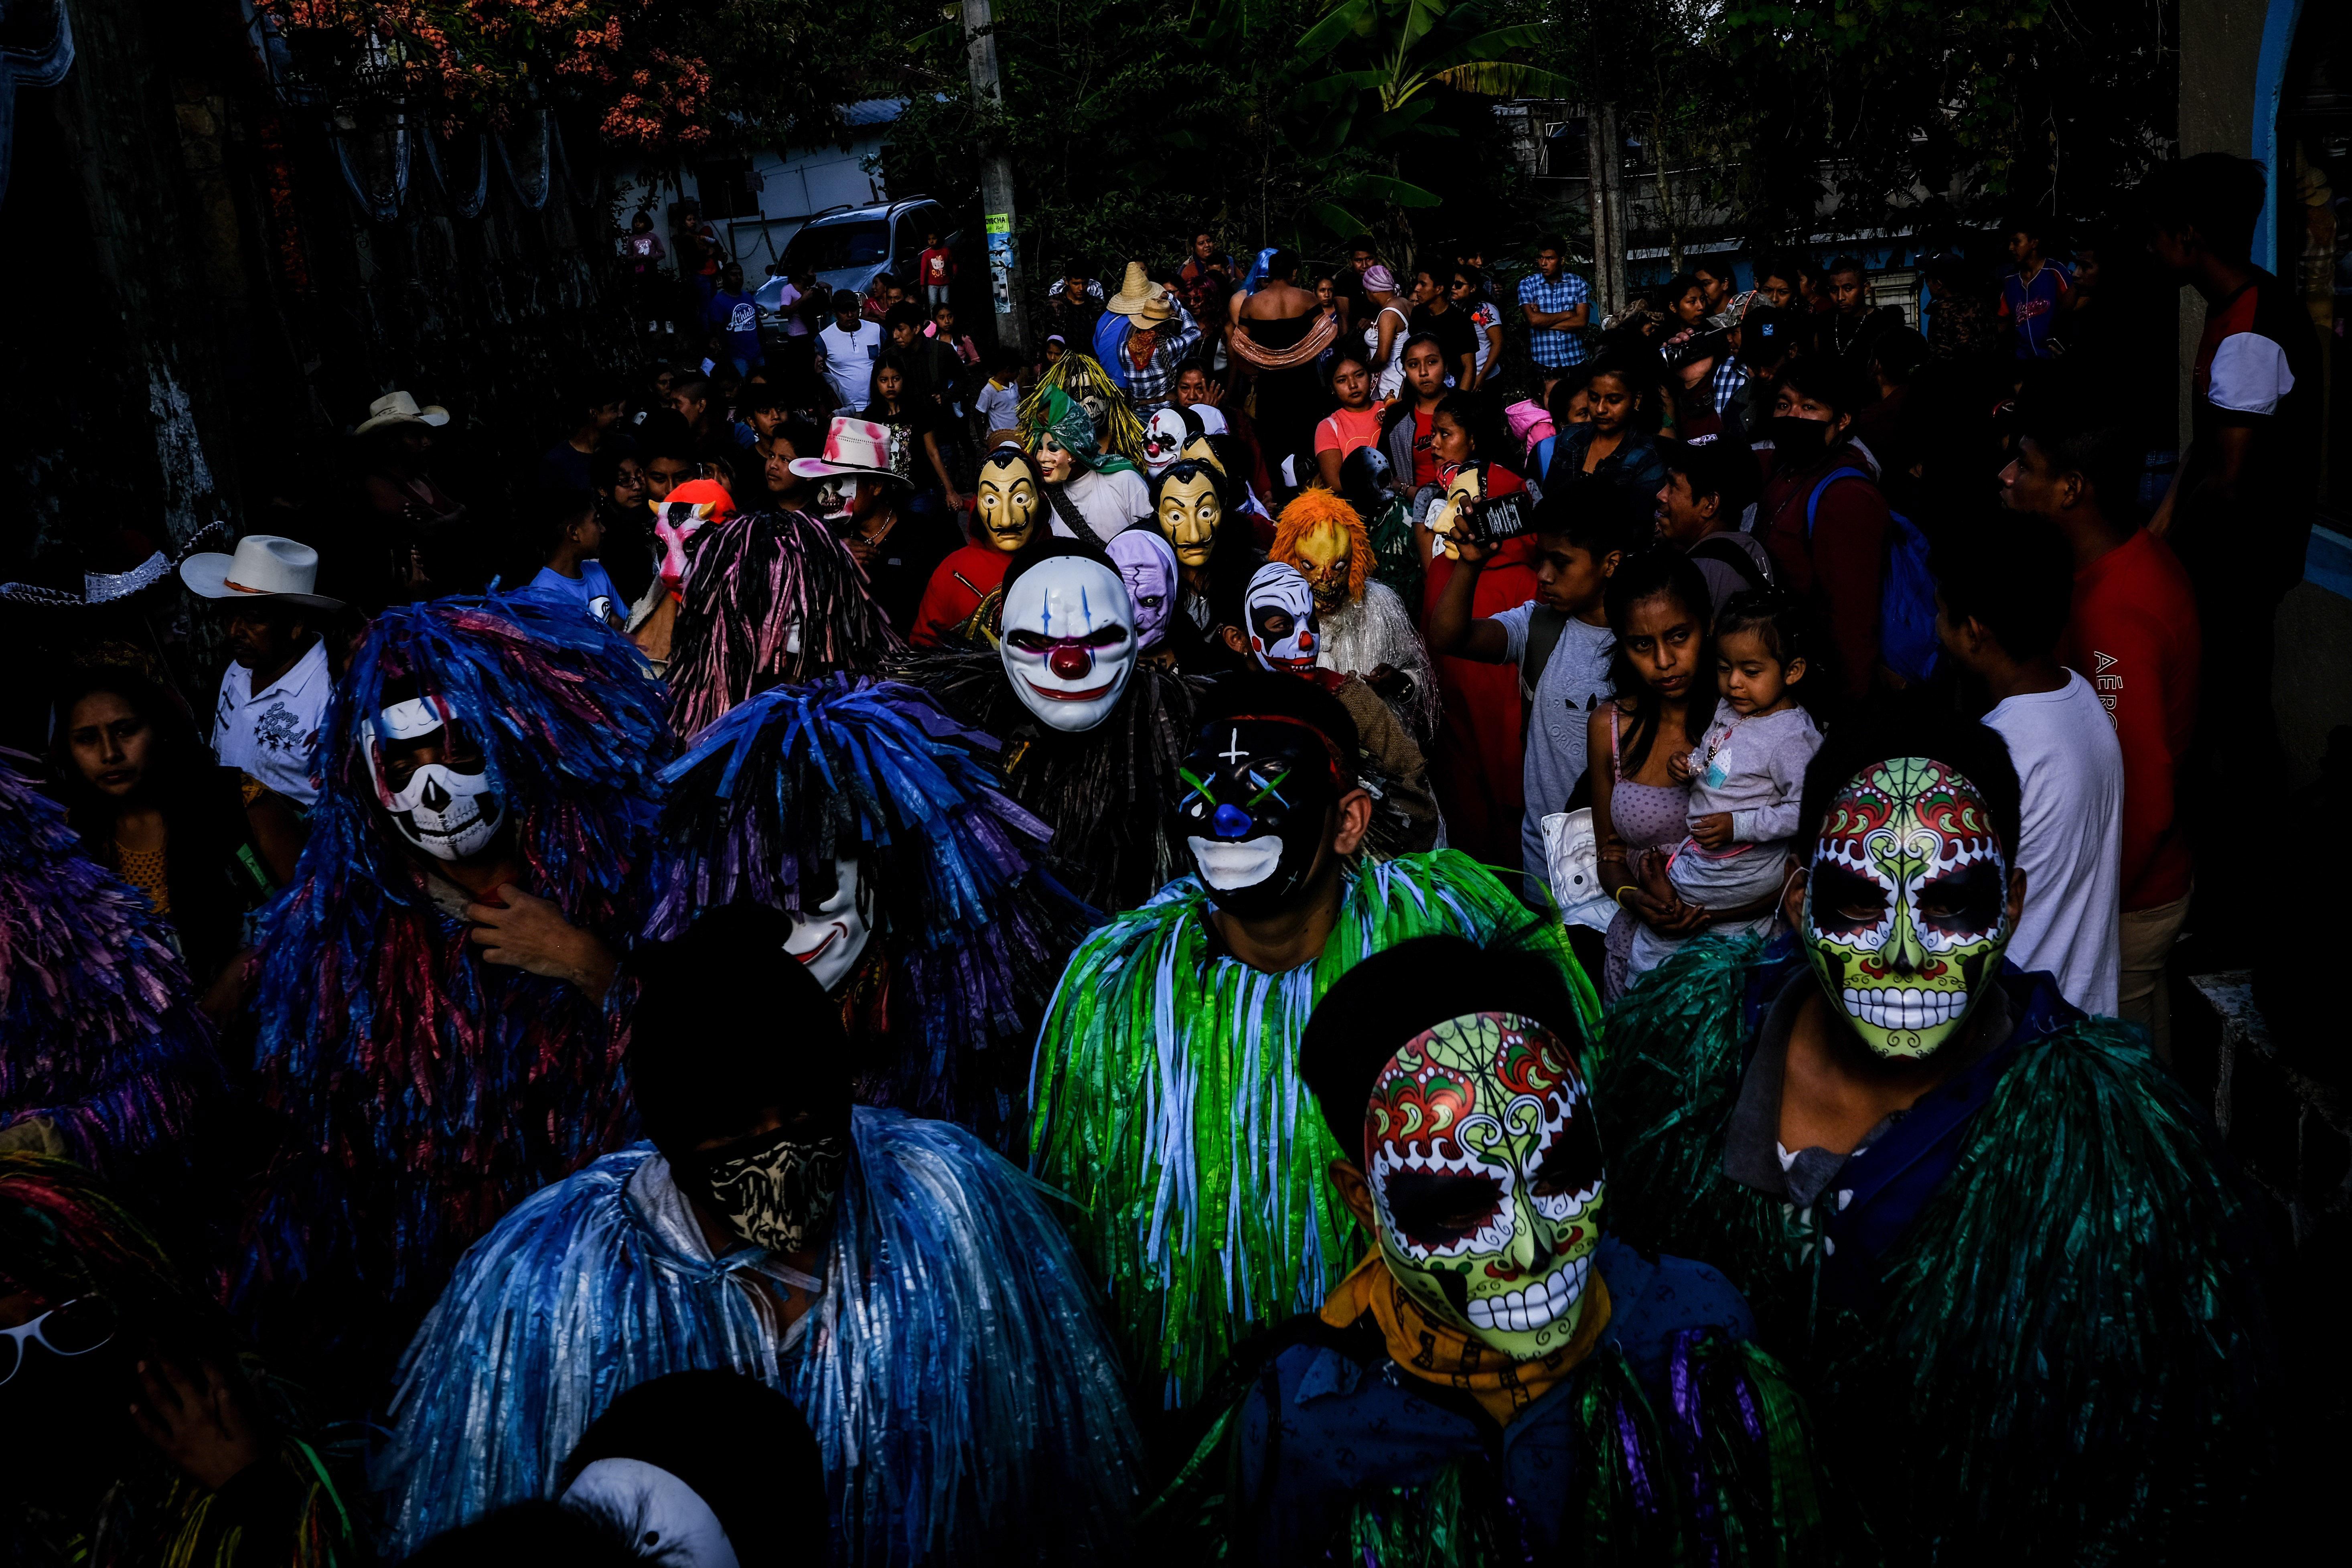 Pobladores de la comunidad de Ixcatlán, continúan con las tradicionales fiestas de Día de Muertos. El Xantolo es una forma peculiar de celebración de orígenes remotos, en donde, entre cantos, hombres con máscaras personificando, entre otras cosas, a